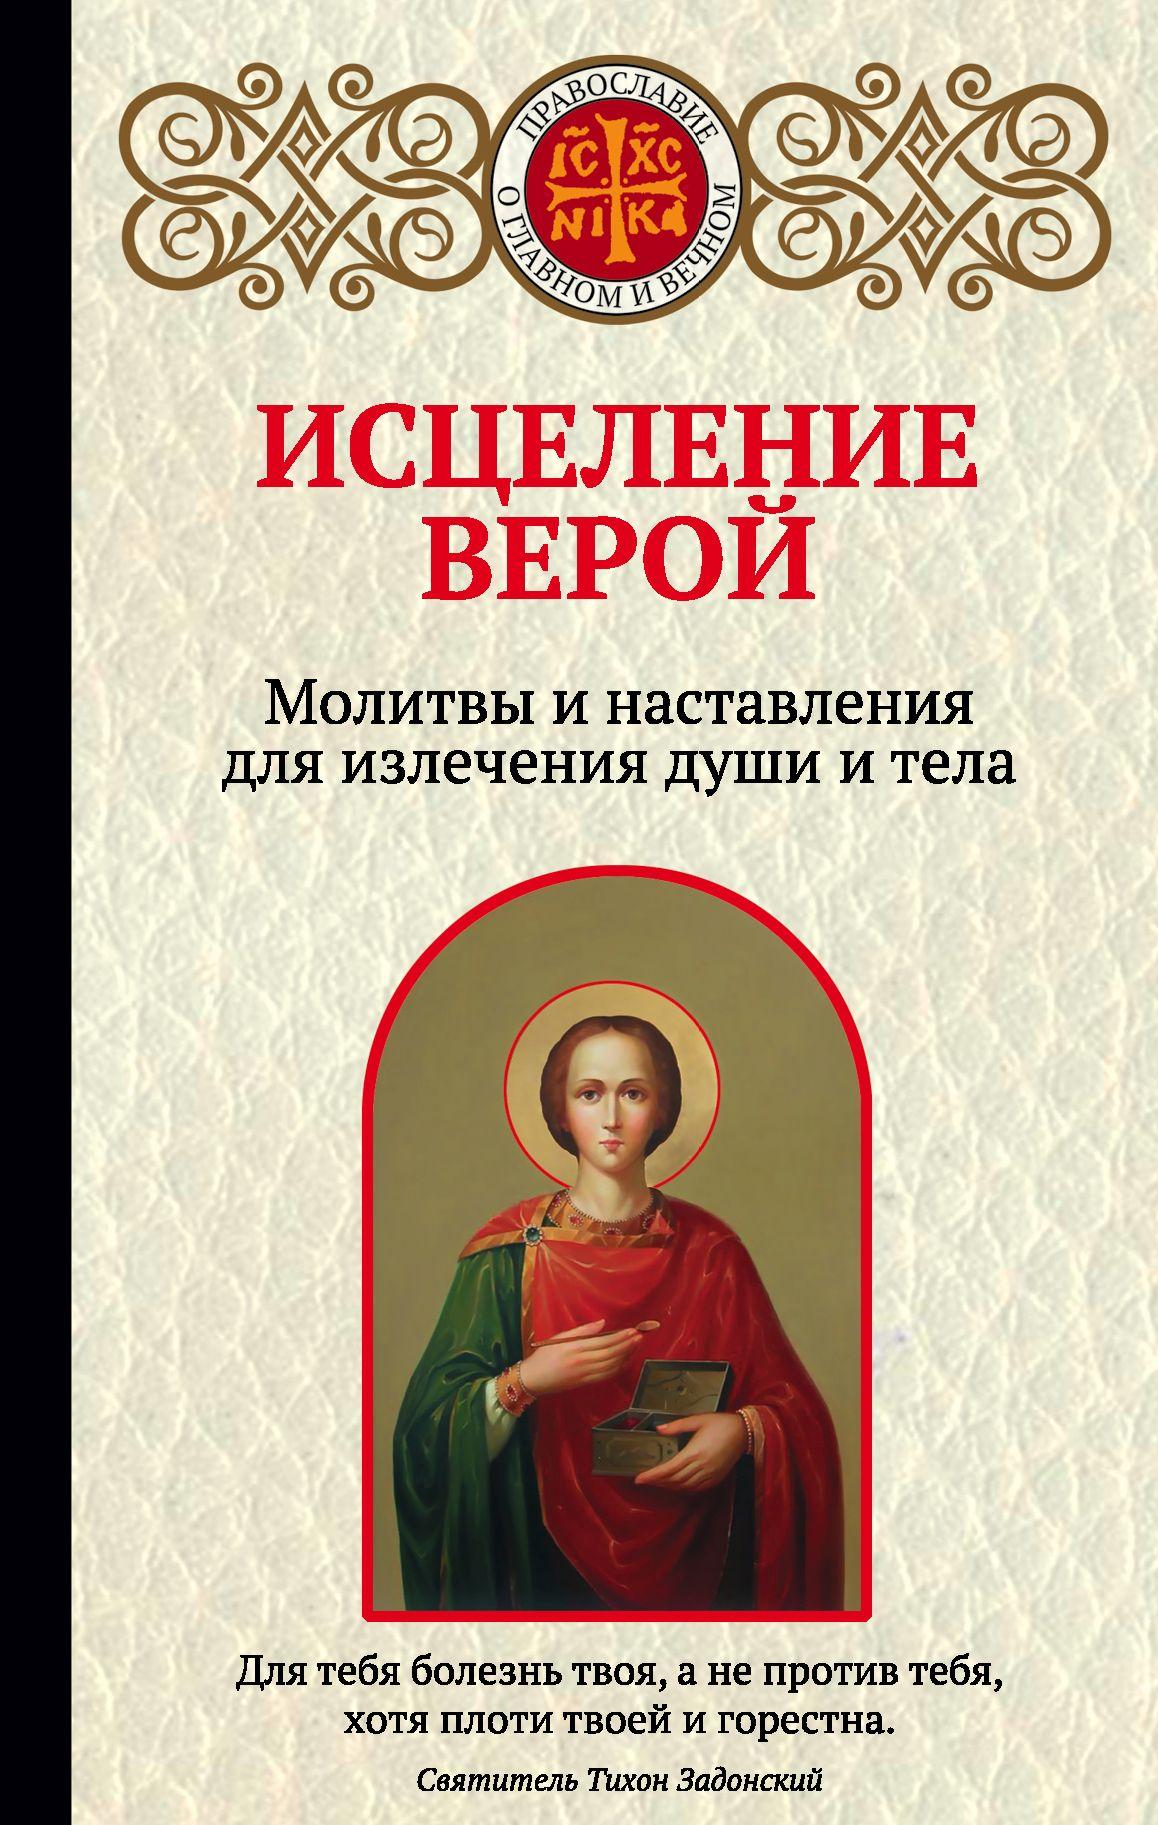 Купить книгу Исцеление верой. Молитвы и наставления для излечения души и тела, автора Ирины Булгаковой